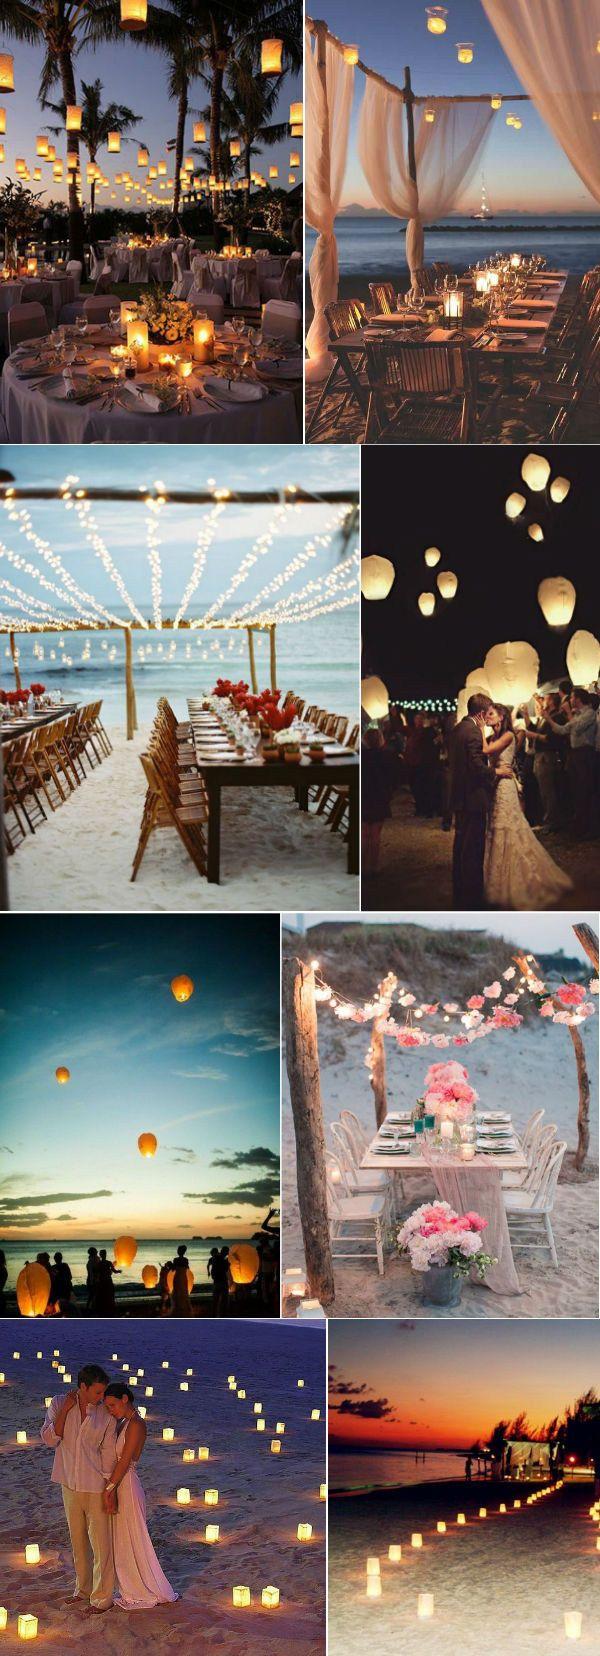 Faroles de papel como iluminación de bodas, una atmósfera única. #BodasDeNoche